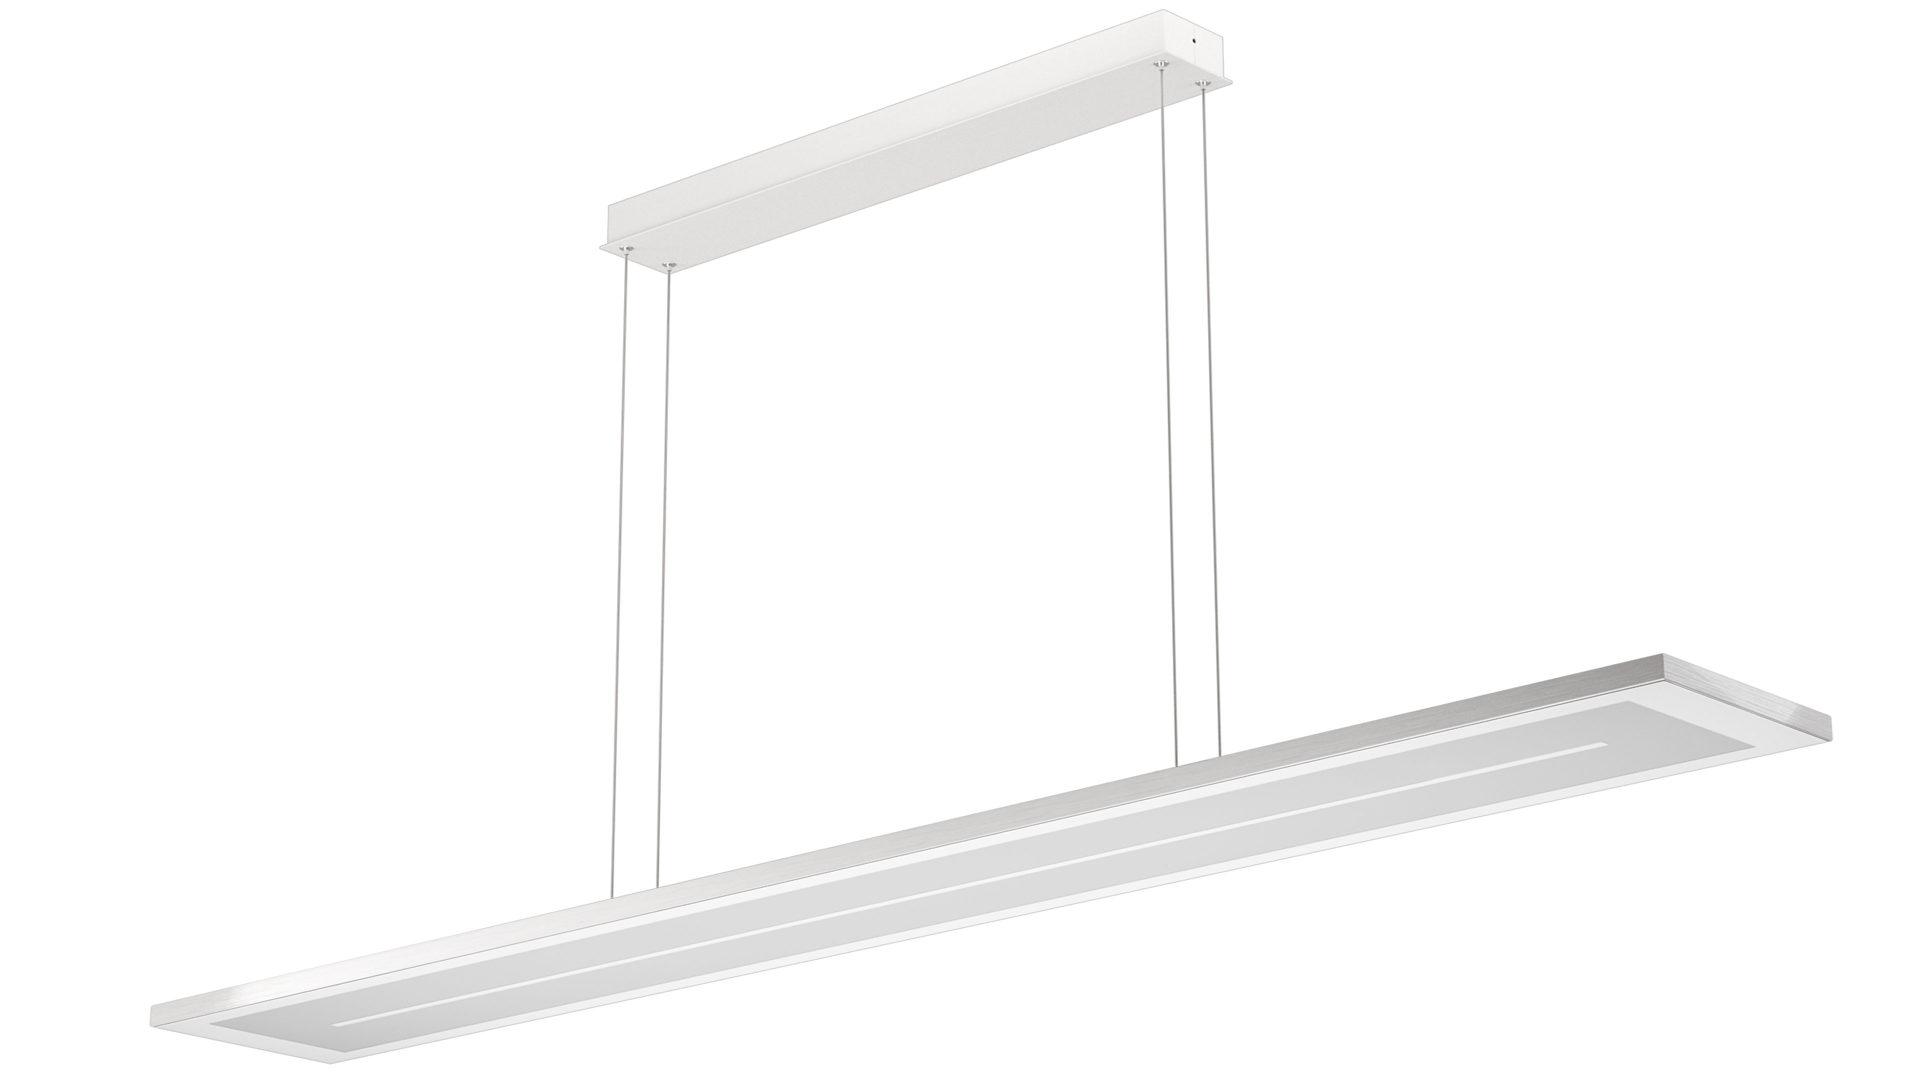 Perfekt EVOTEC LED Pendelleuchte, Aluminium U0026 Nickel Gebürstet, Weißes Glas    Länge, Bad Homburg Bei Frankfurt